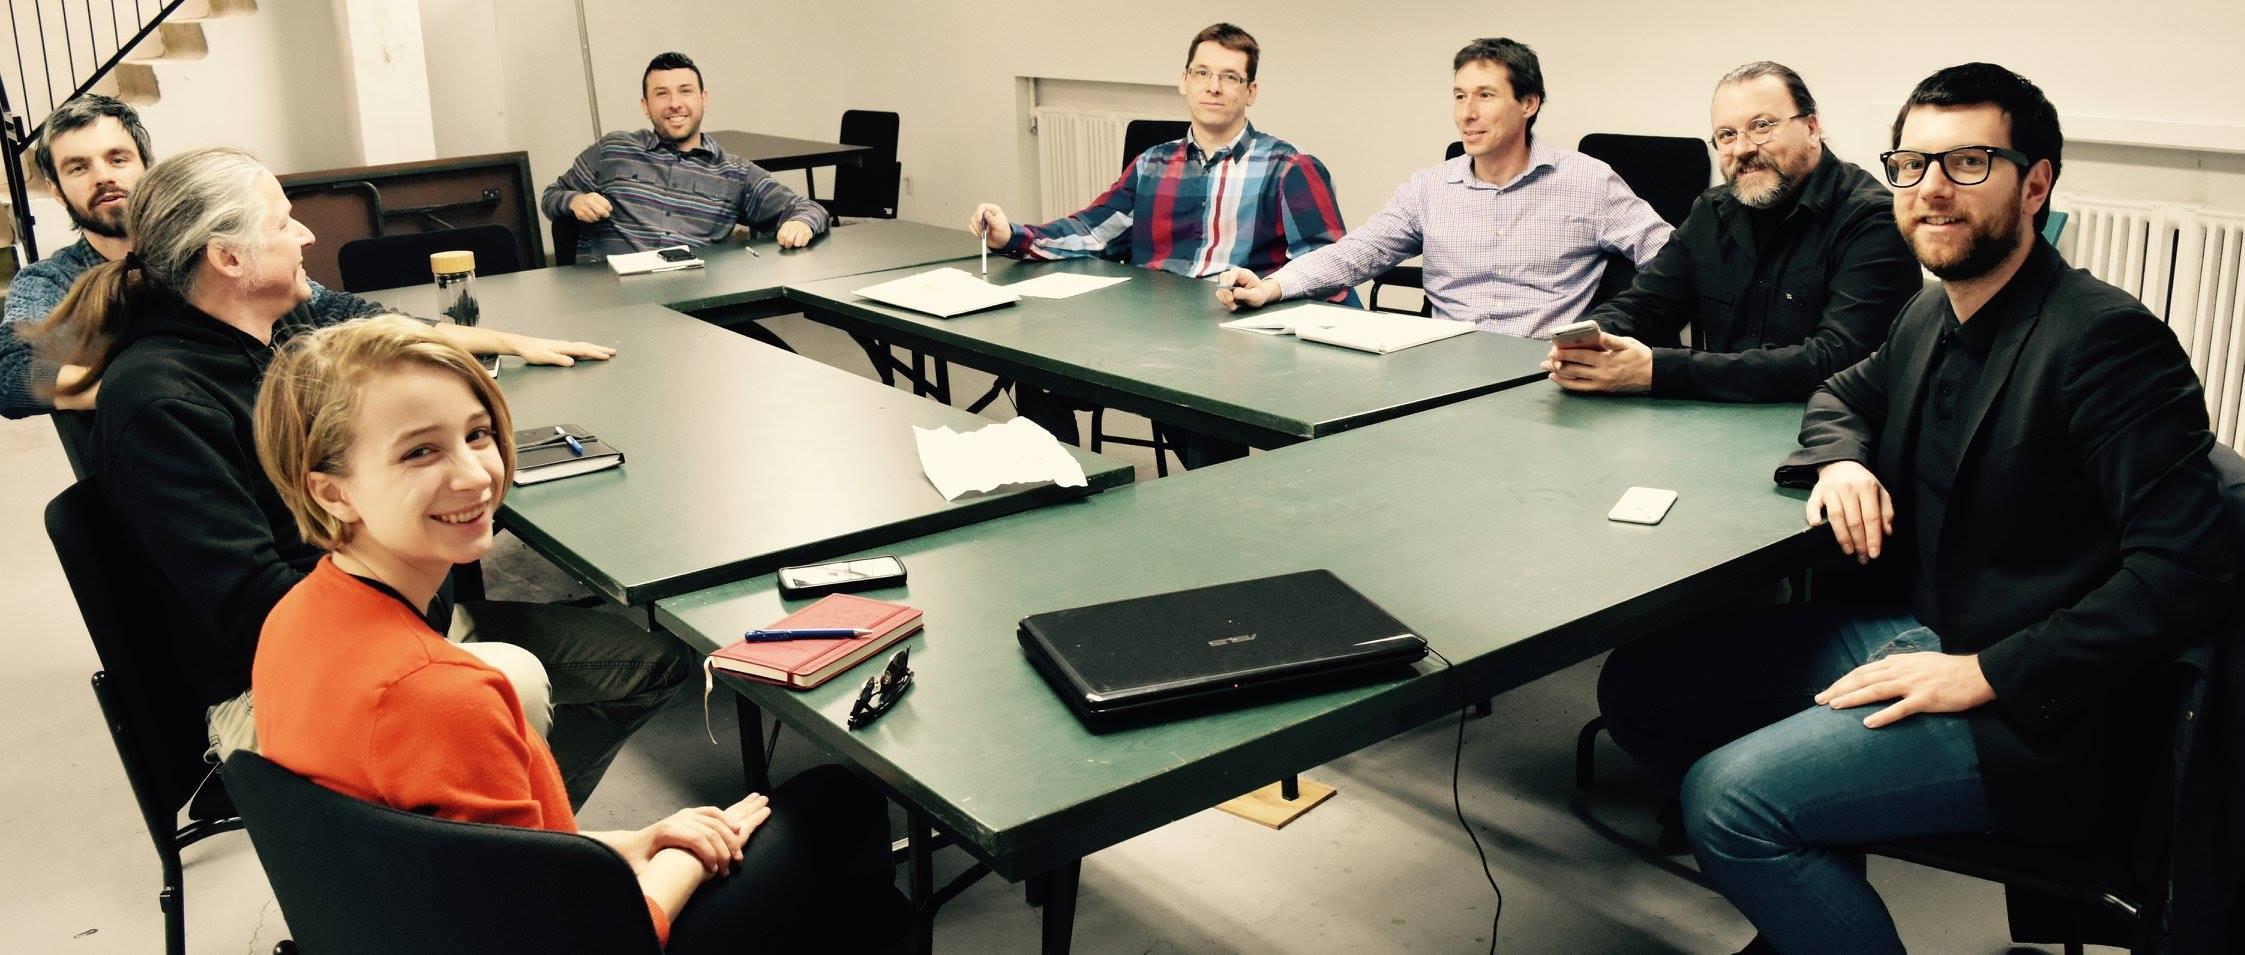 Alex a participé à une table ronde avec cinq organismes environnementaux de la région de Saguenay.